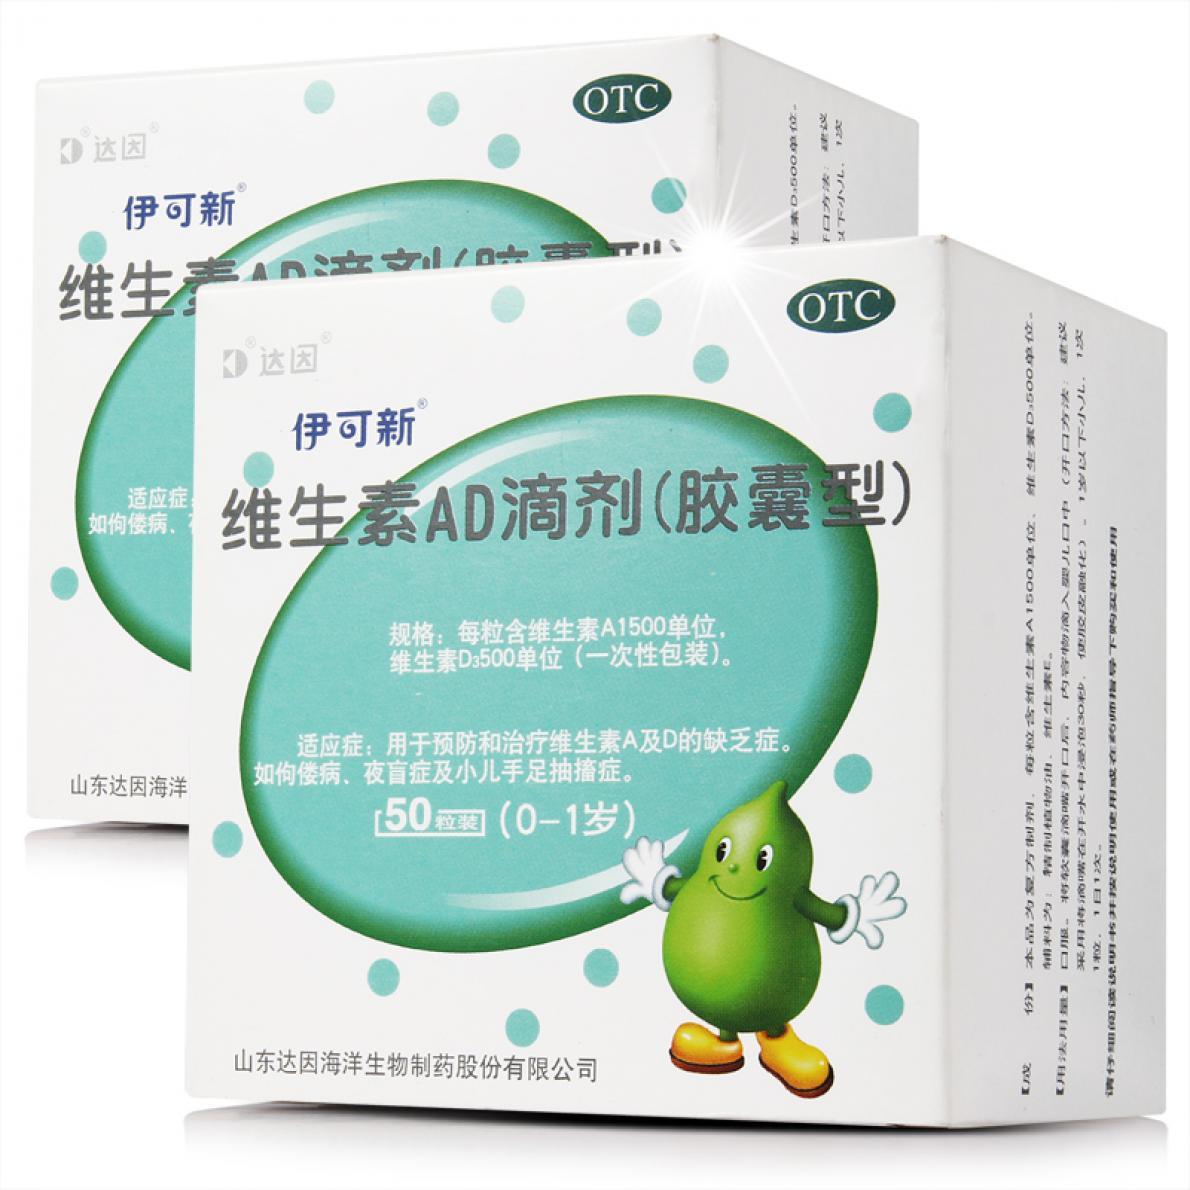 伊可新 维生素AD滴剂(胶囊型)(0-1岁)  10粒*5板/盒